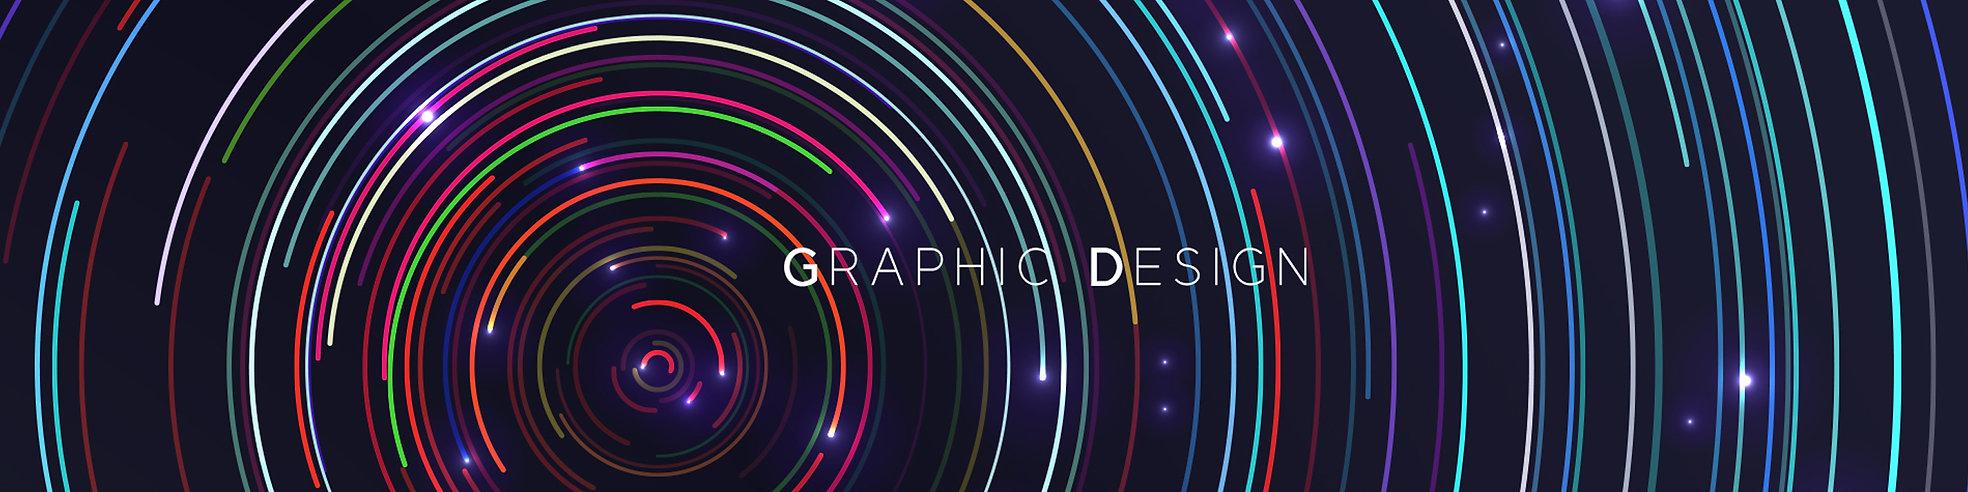 그래픽디자인.jpg